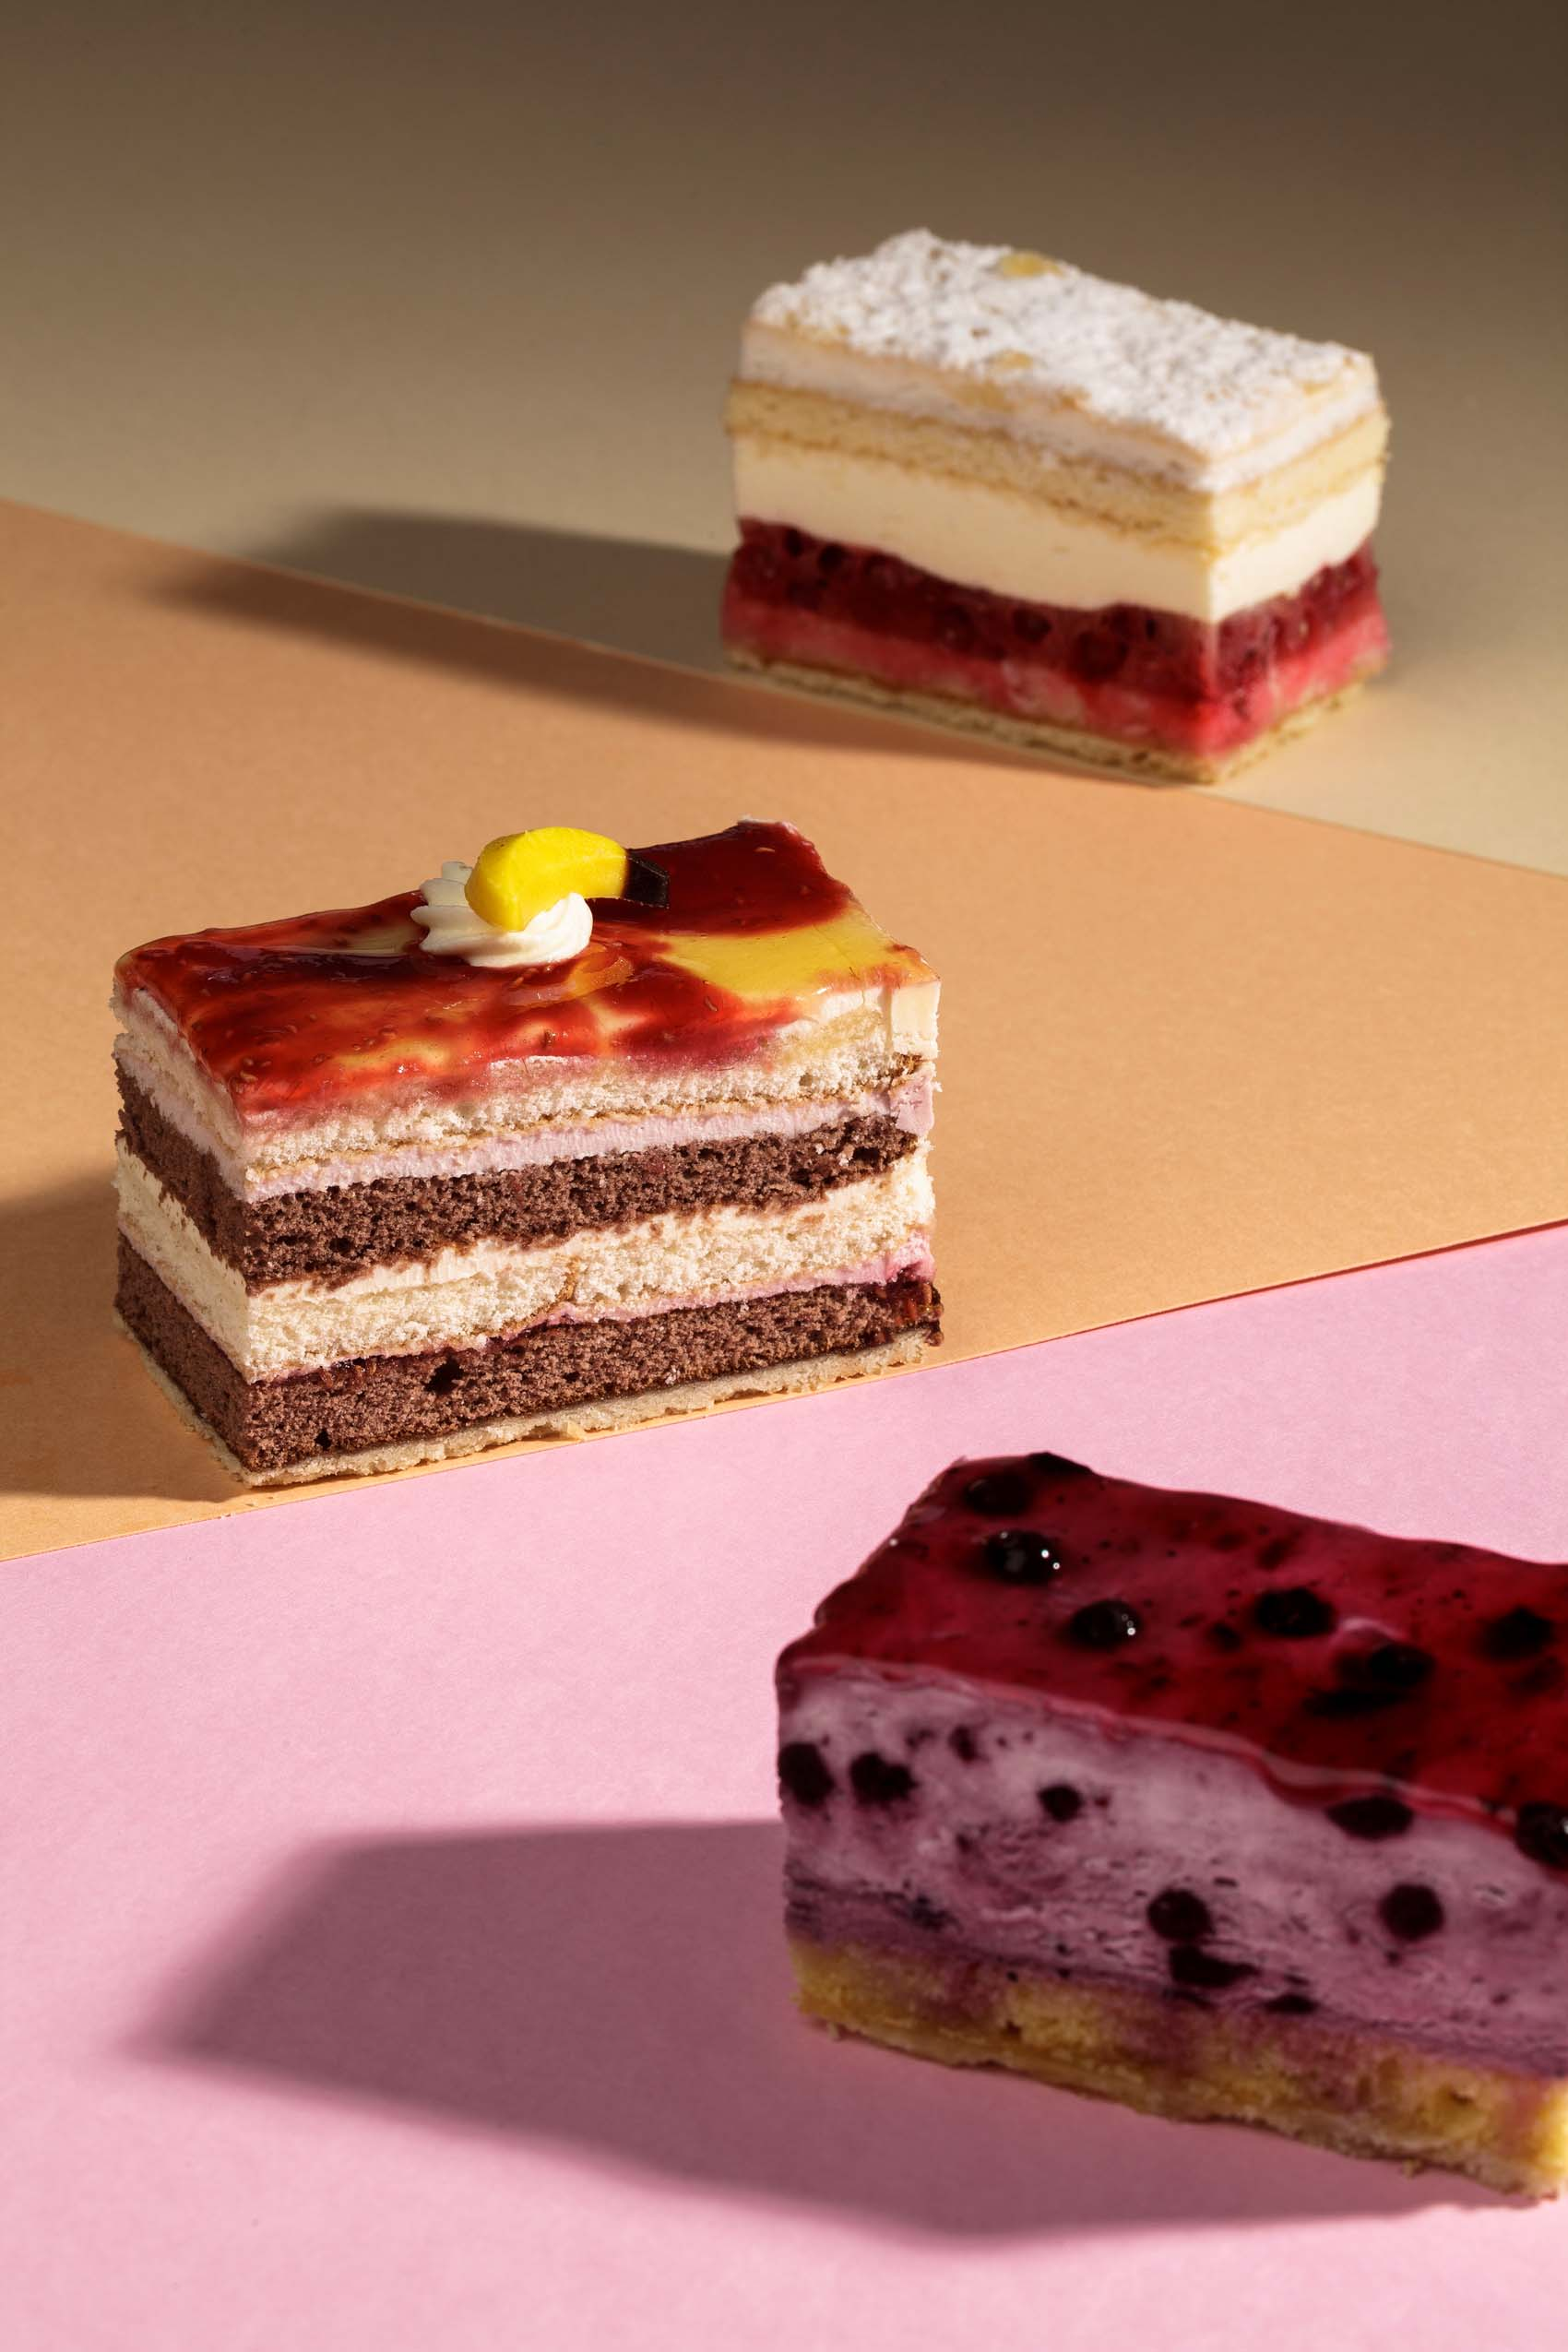 Bäcker-Marketing mit ansprechenden Produktbildern